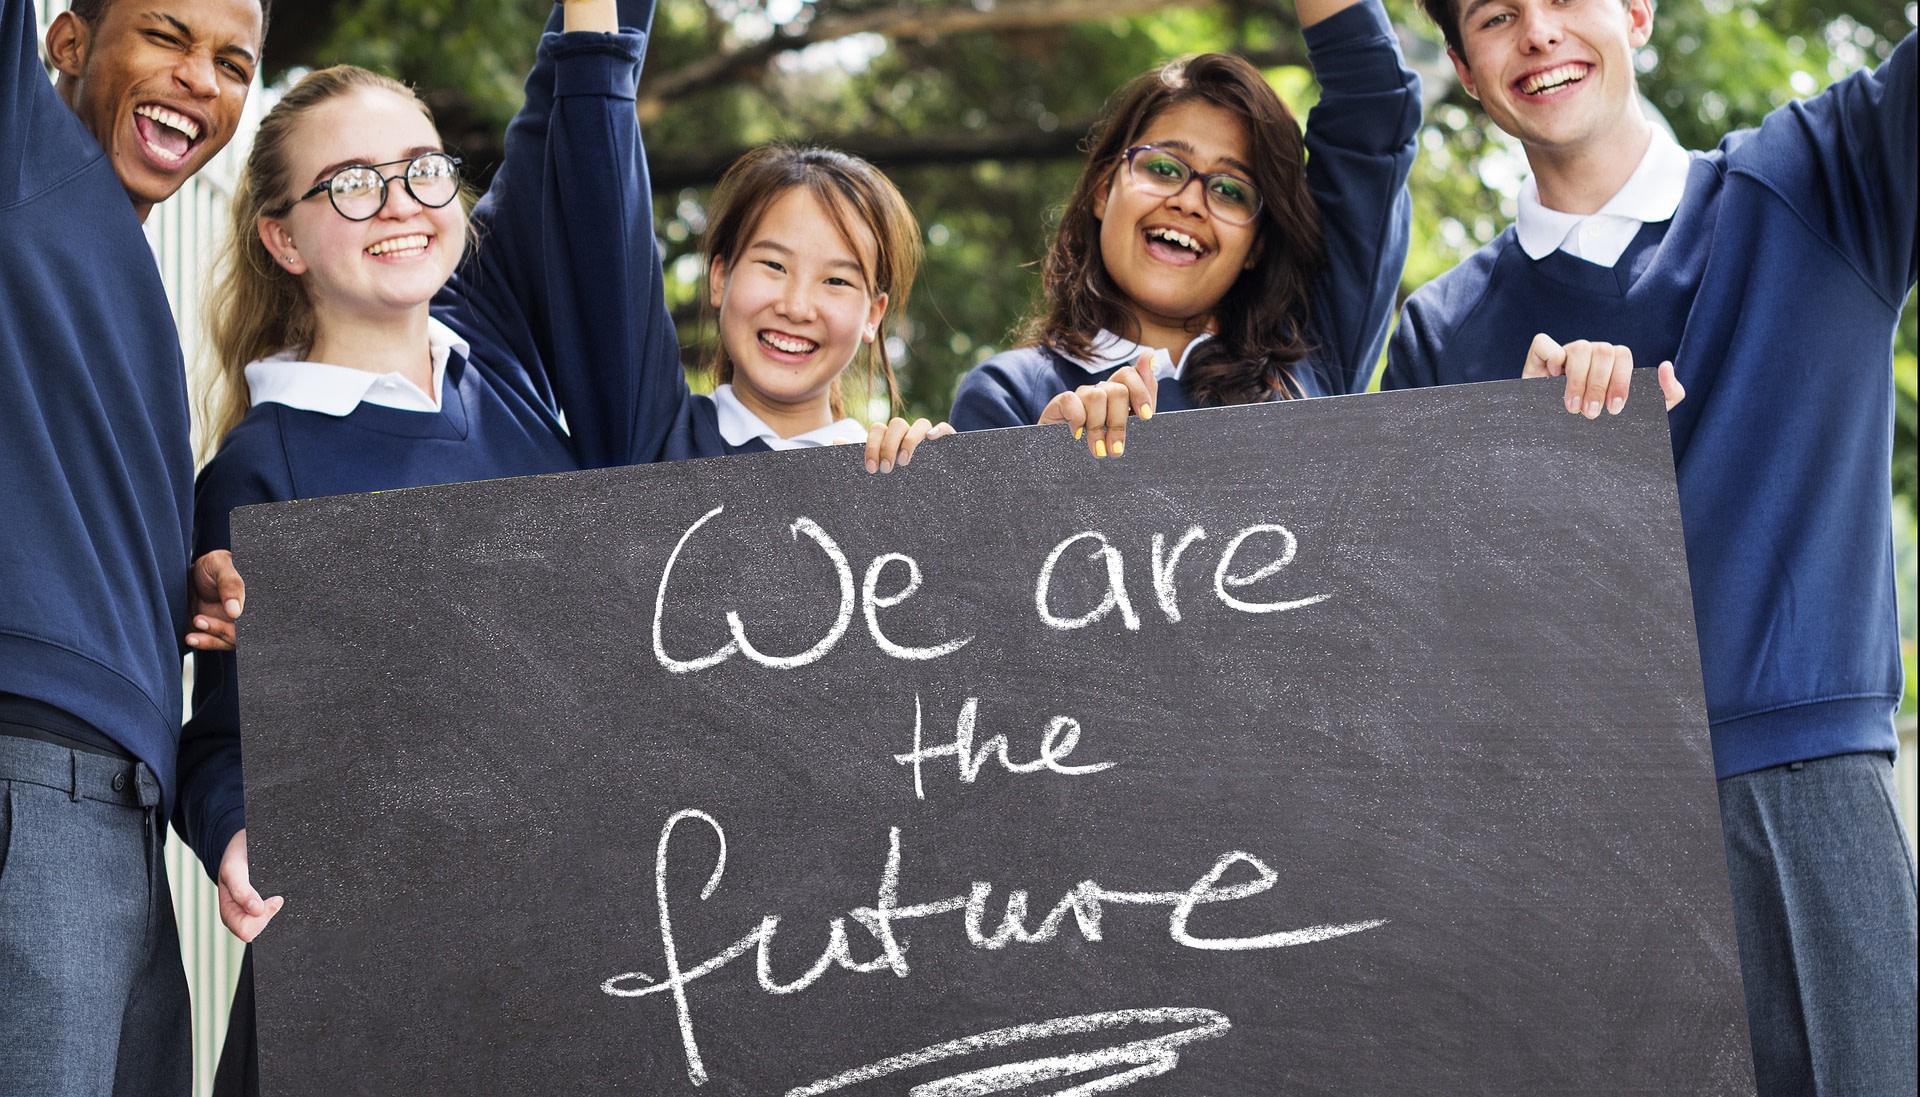 высшее образование в польше, образовательный центр AMBASADOR, обучение в польше, поступить в польшу, университет в Польше, учеба в польше, обучение в польше, поступают в польшу